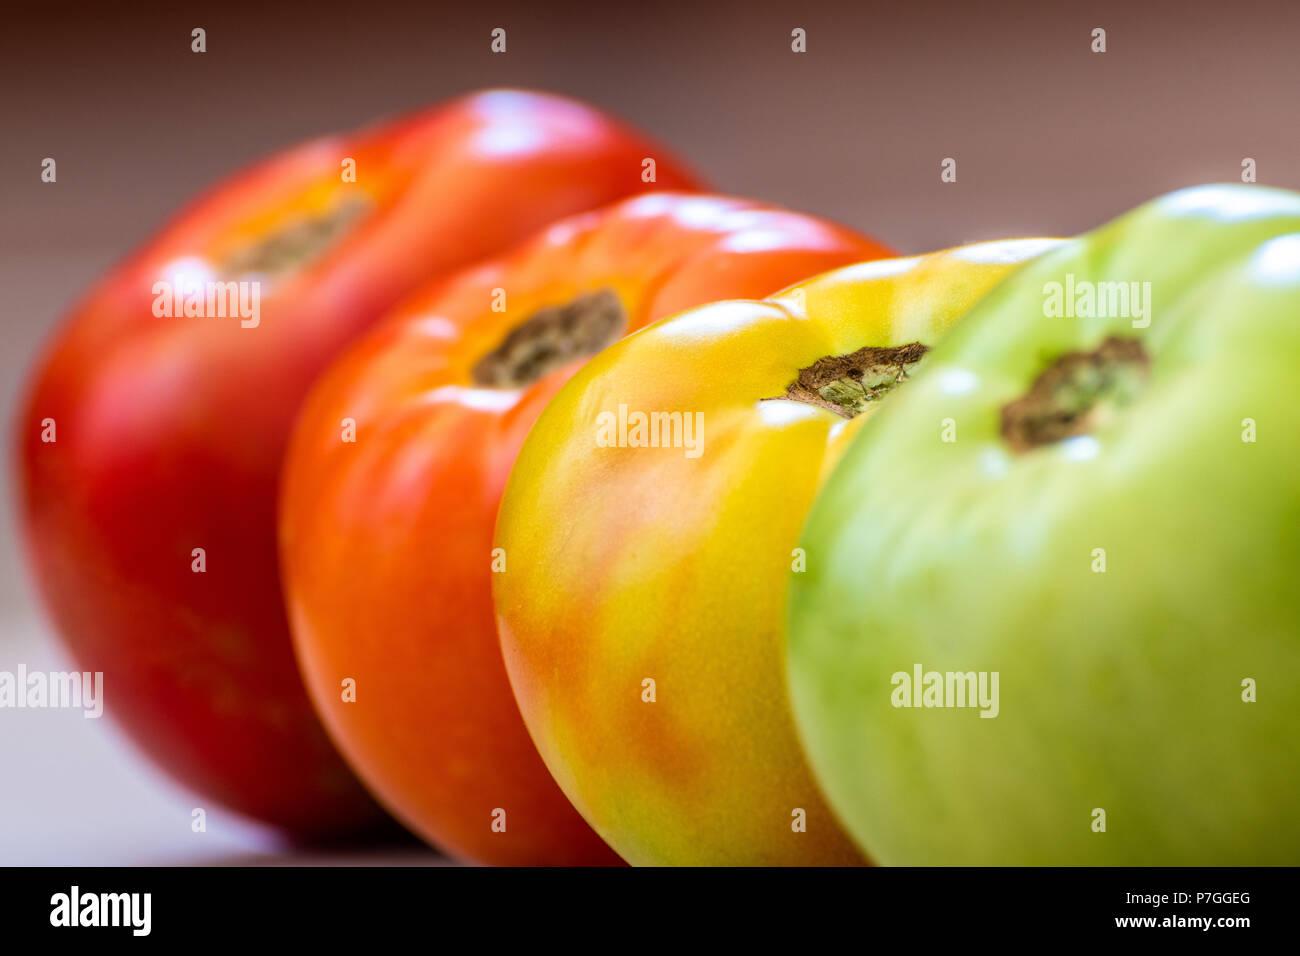 Tomaten in verschiedenen Phasen der Reifung. Konzept. Schwerpunkt liegt auf Drehen Tomate. Stadien sind Grün und dann drehen sie Rot leuchtet dann rot. Stockbild